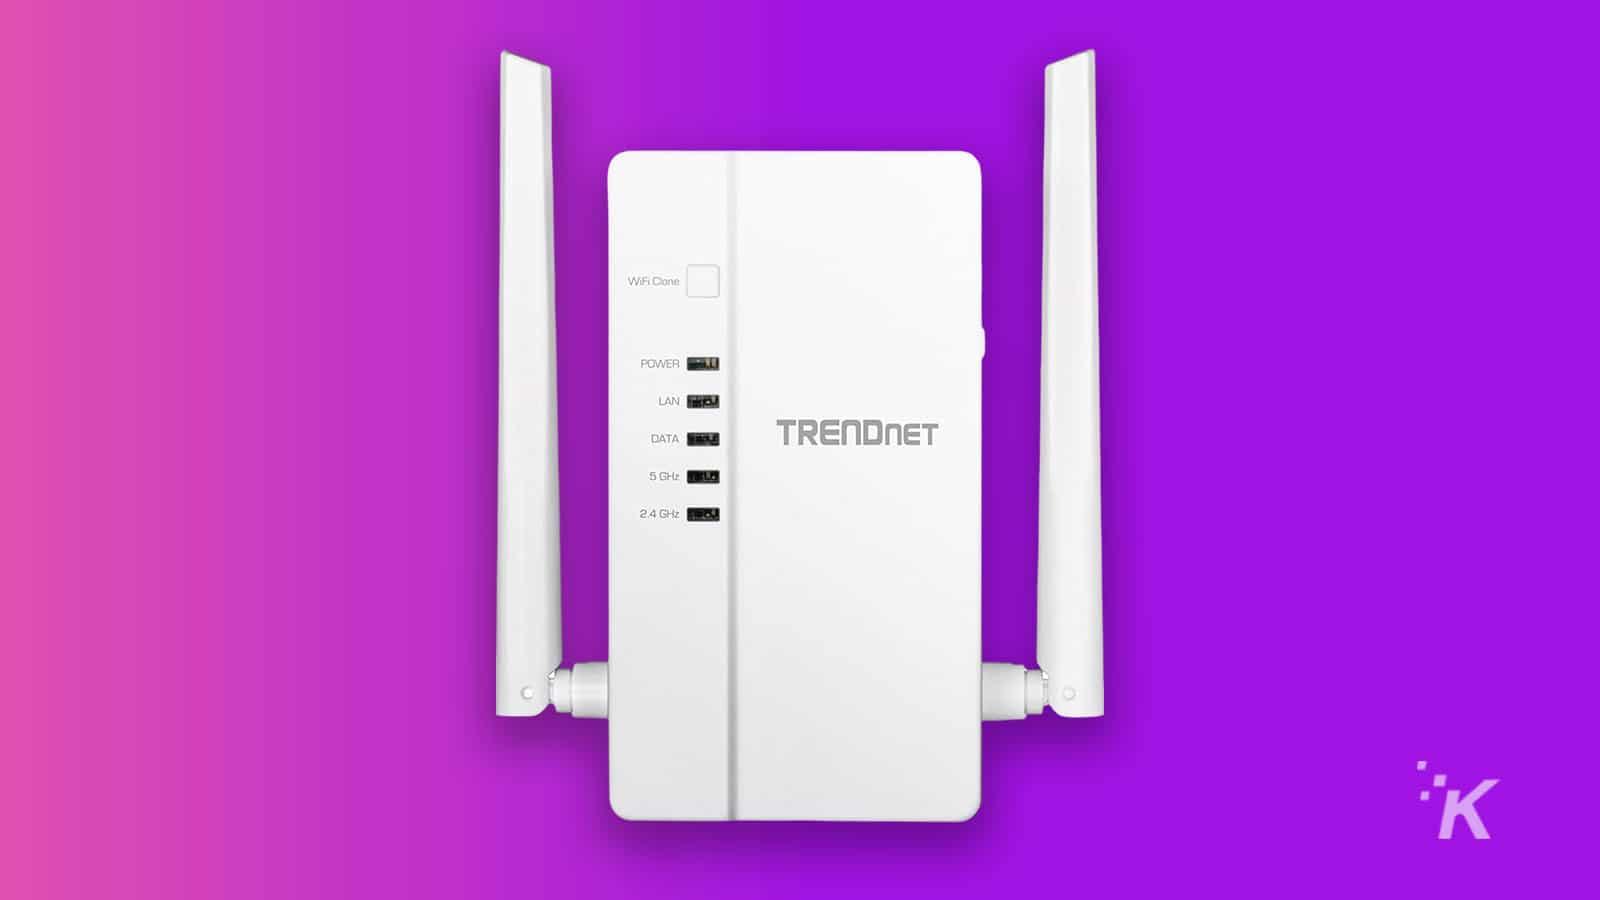 trendnet wifi extender